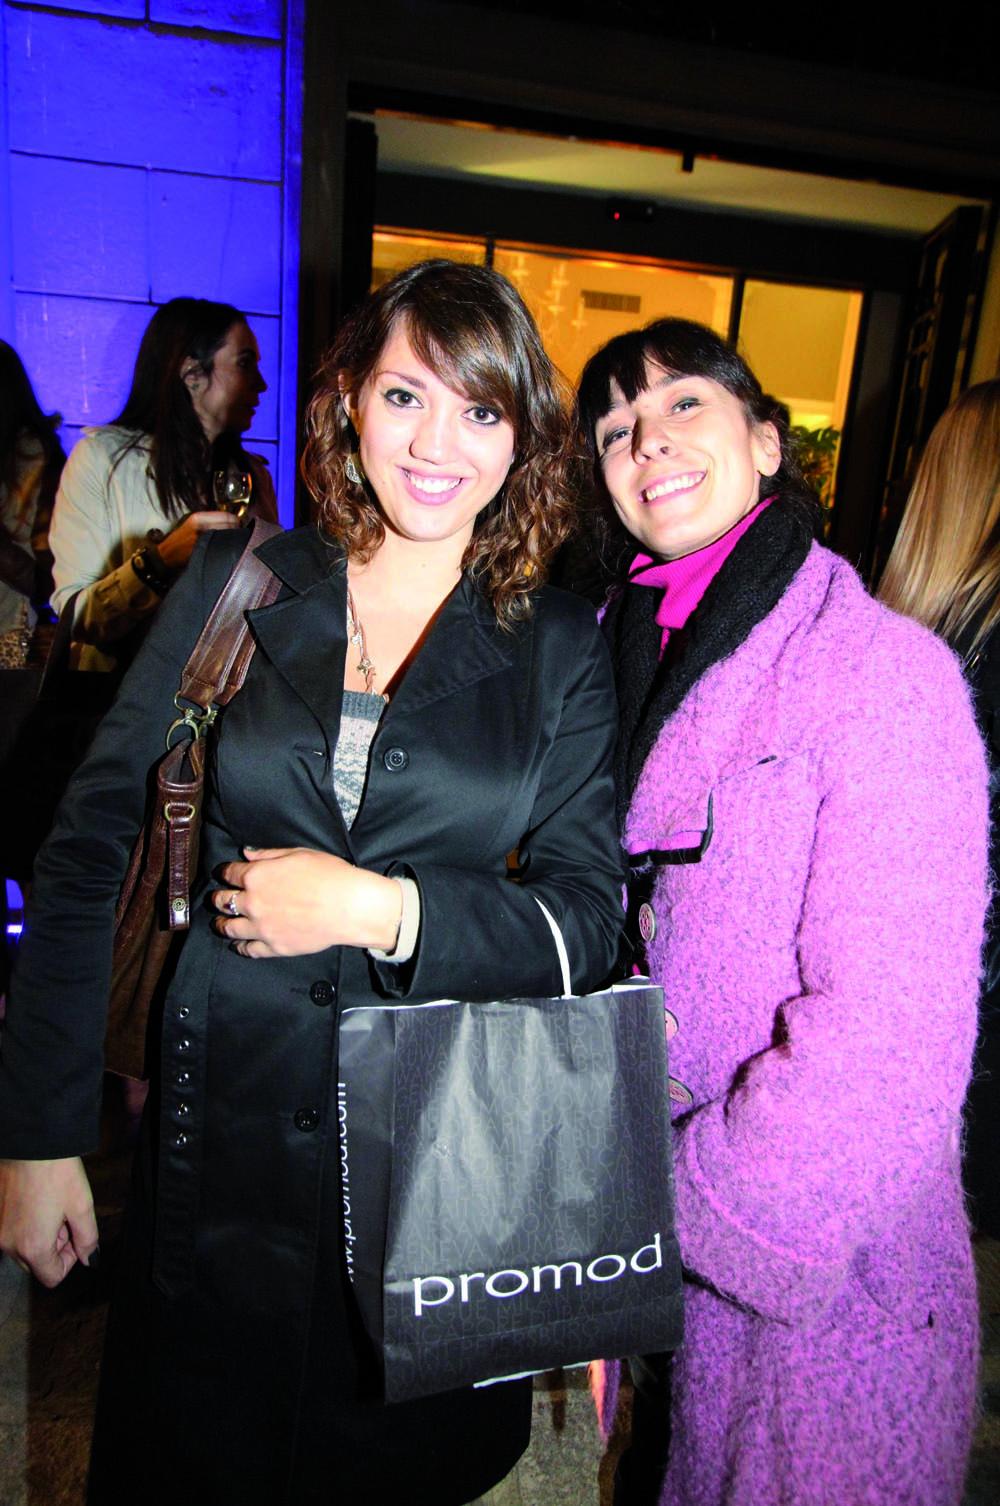 pressphoto, Firenze Inaugurazione centro benessere Bellessenza  Juliette Raynaud, Alice Nardi